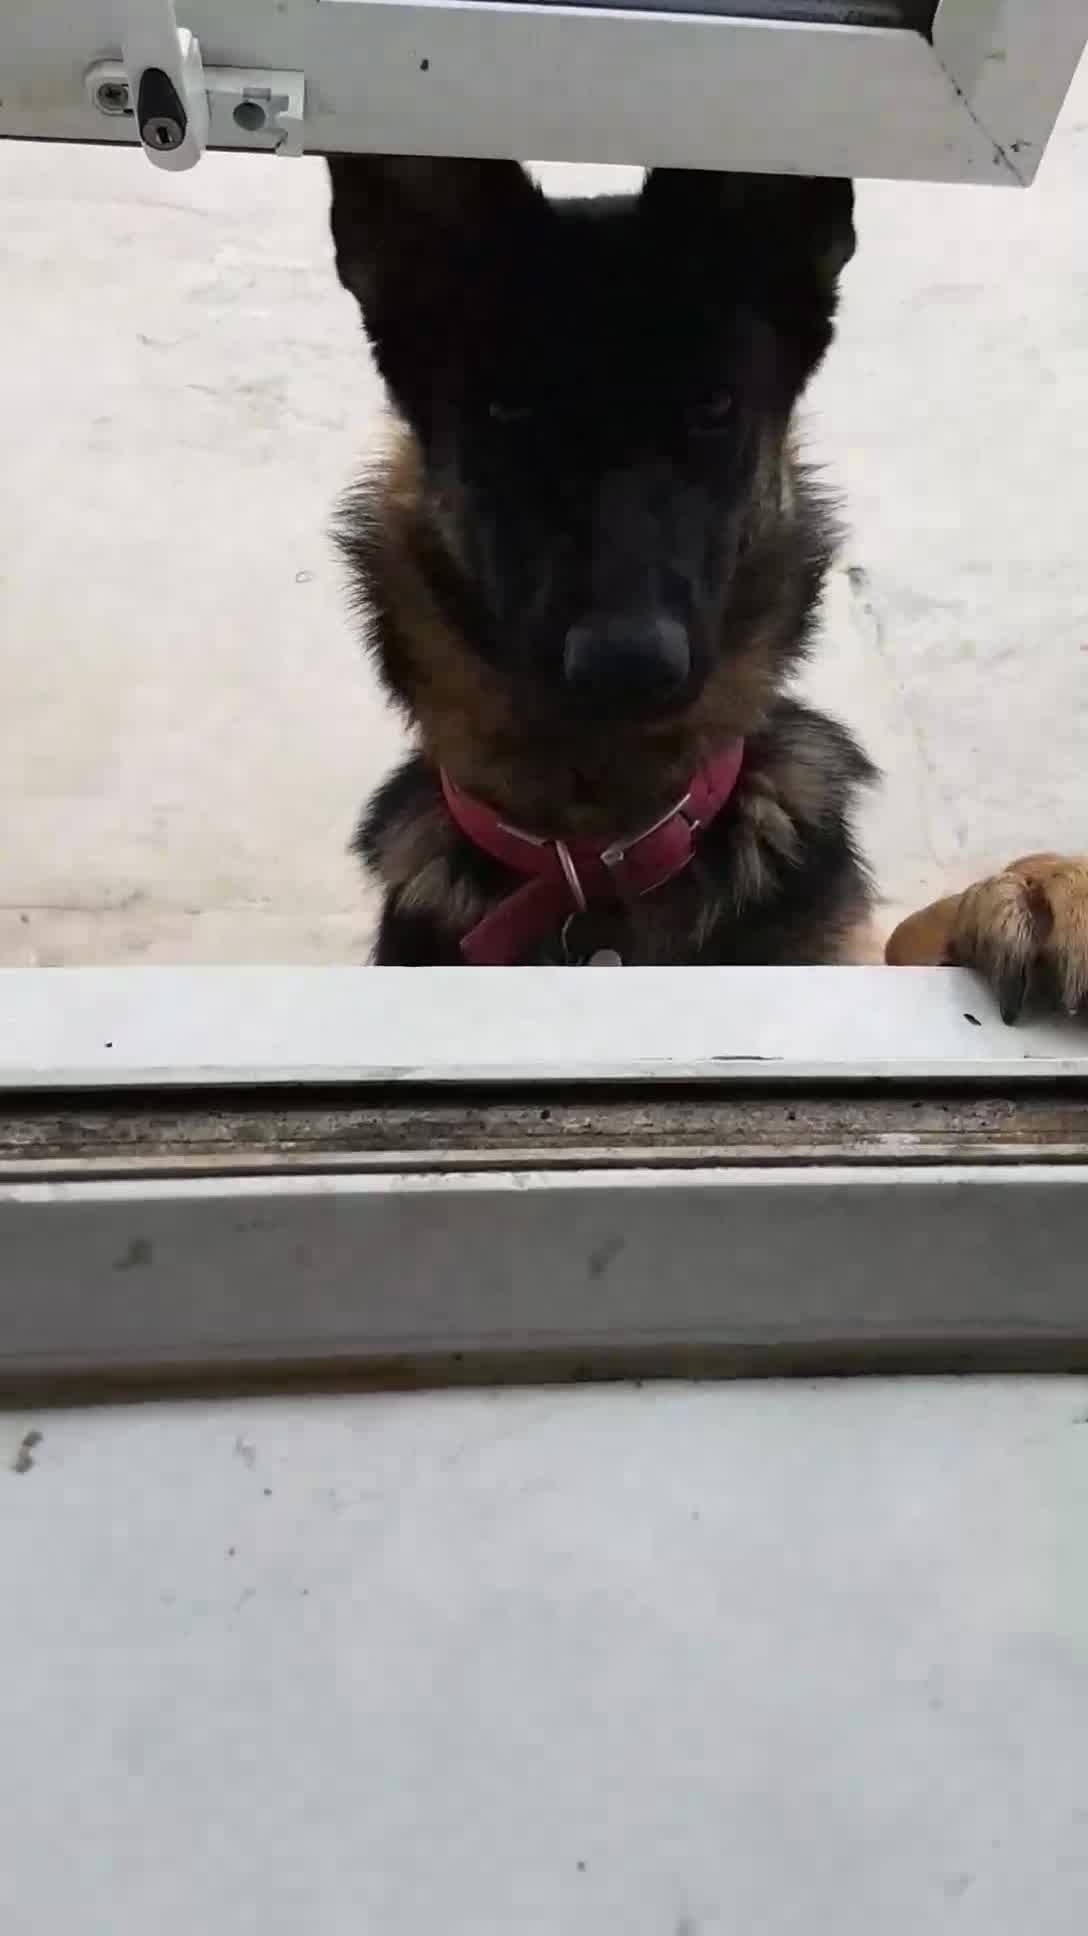 Cachorro Abrindo Janela, Ele É Esperto E Inteligente, Confira!